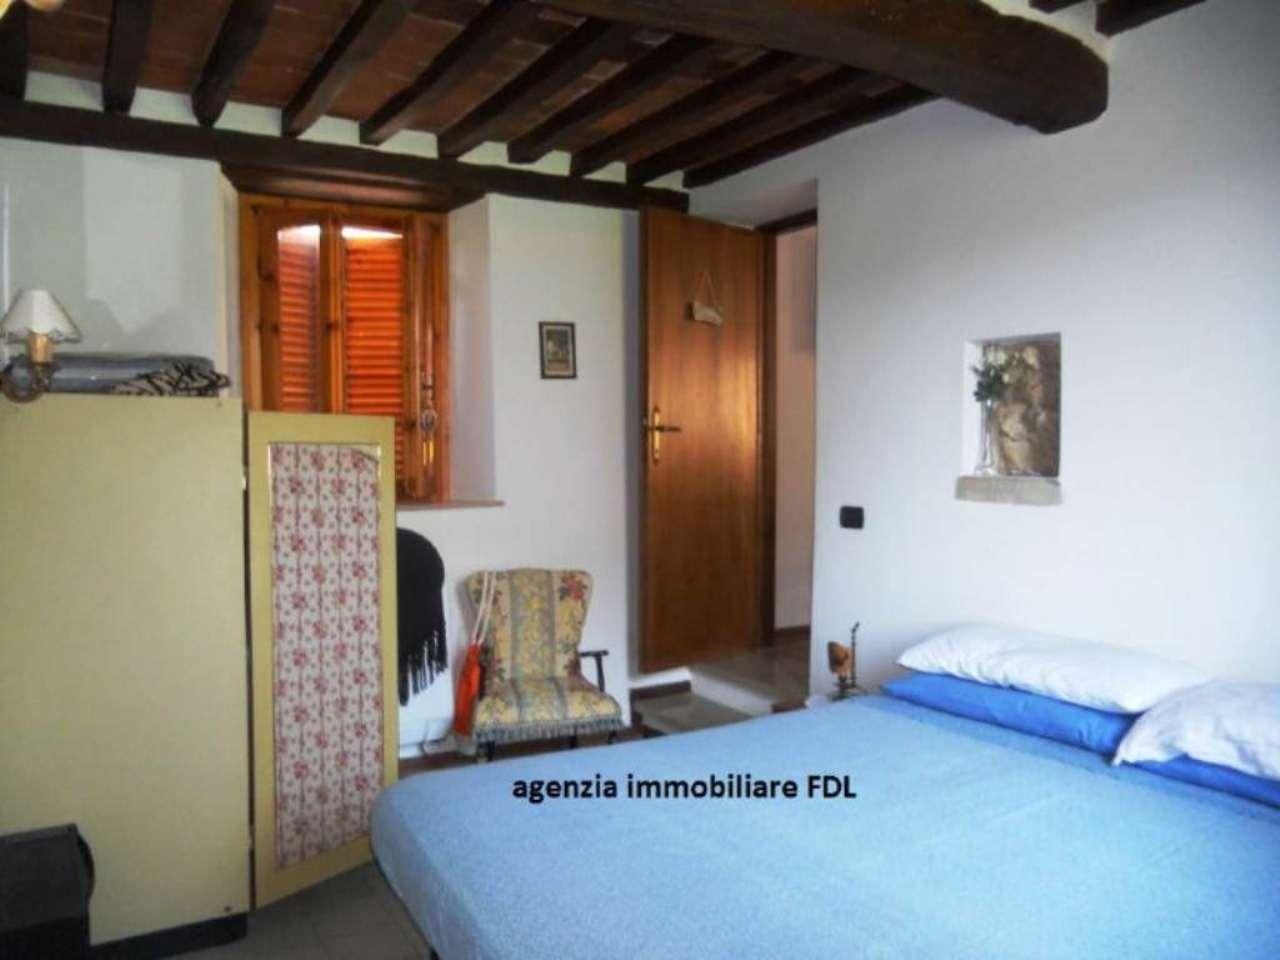 Palazzo / Stabile in vendita a Camaiore, 4 locali, prezzo € 145.000 | Cambio Casa.it